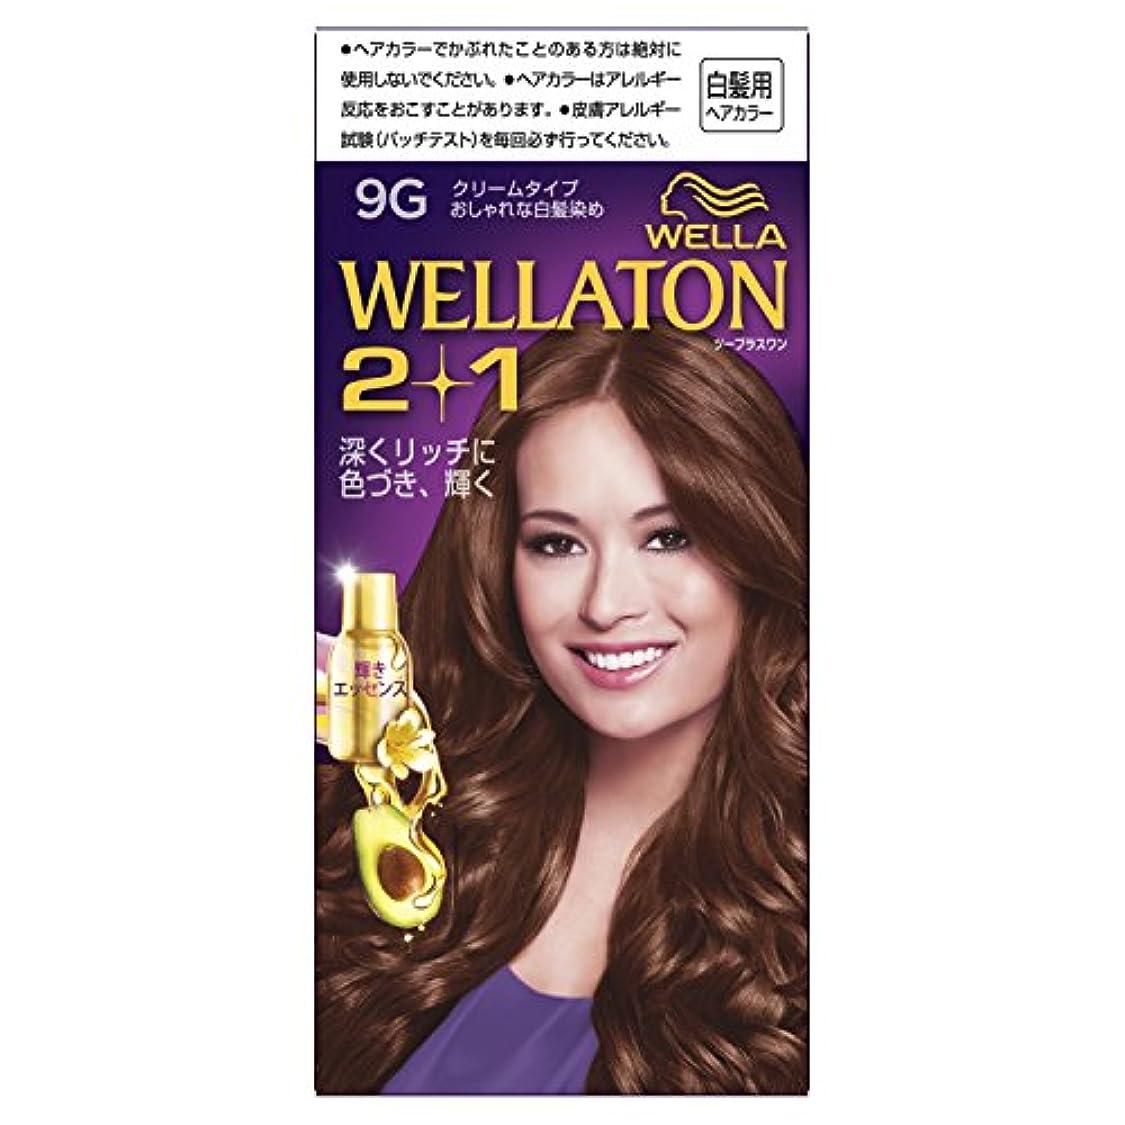 システム明らか名義でウエラトーン2+1 クリームタイプ 9G [医薬部外品](おしゃれな白髪染め)